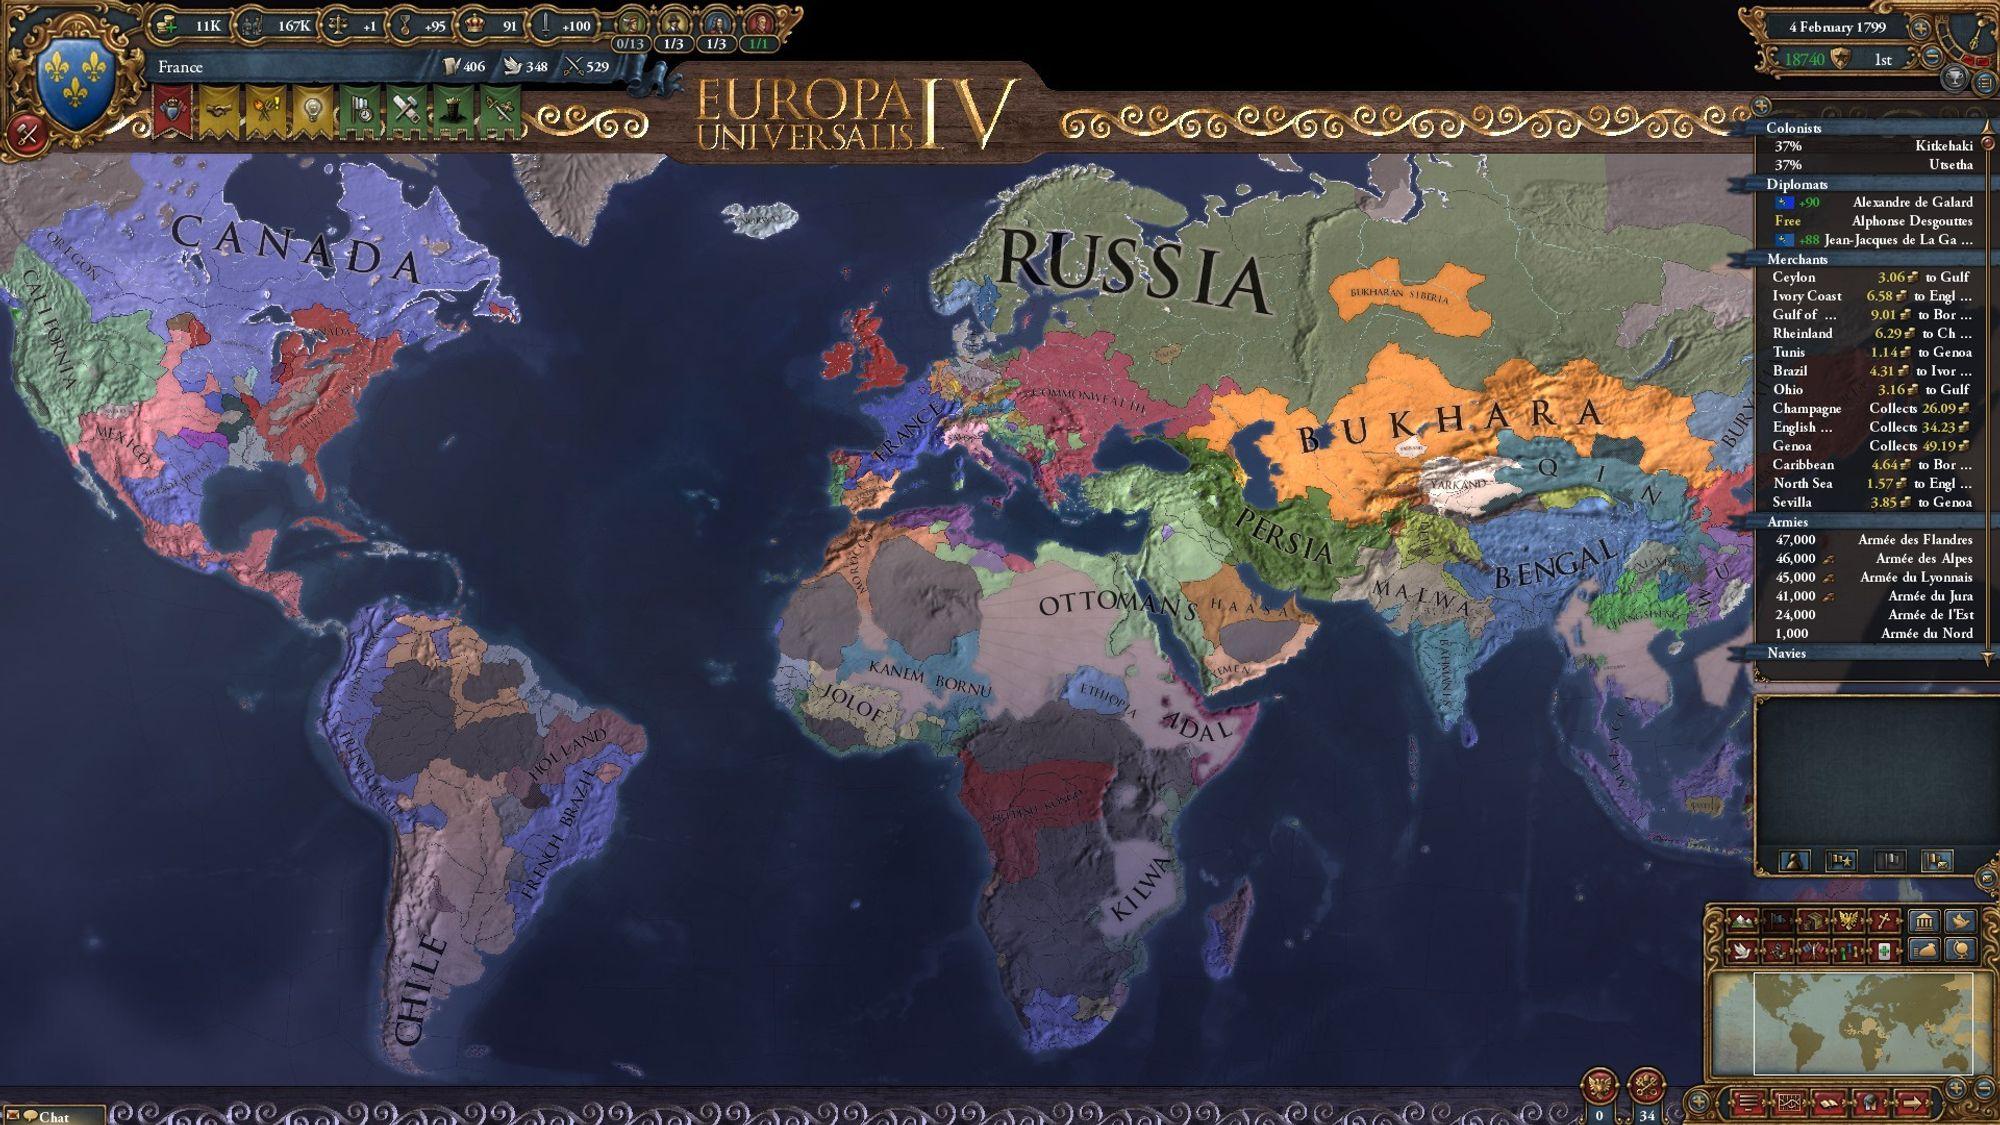 Slik ser verdenskartet ut nær slutten etter en veldig dynamisk kampanje.Blant annet ser vi at ødemarkene i Nord-Amerika er farget helt blått, istedenfor grått slik det ville vært tidligere.